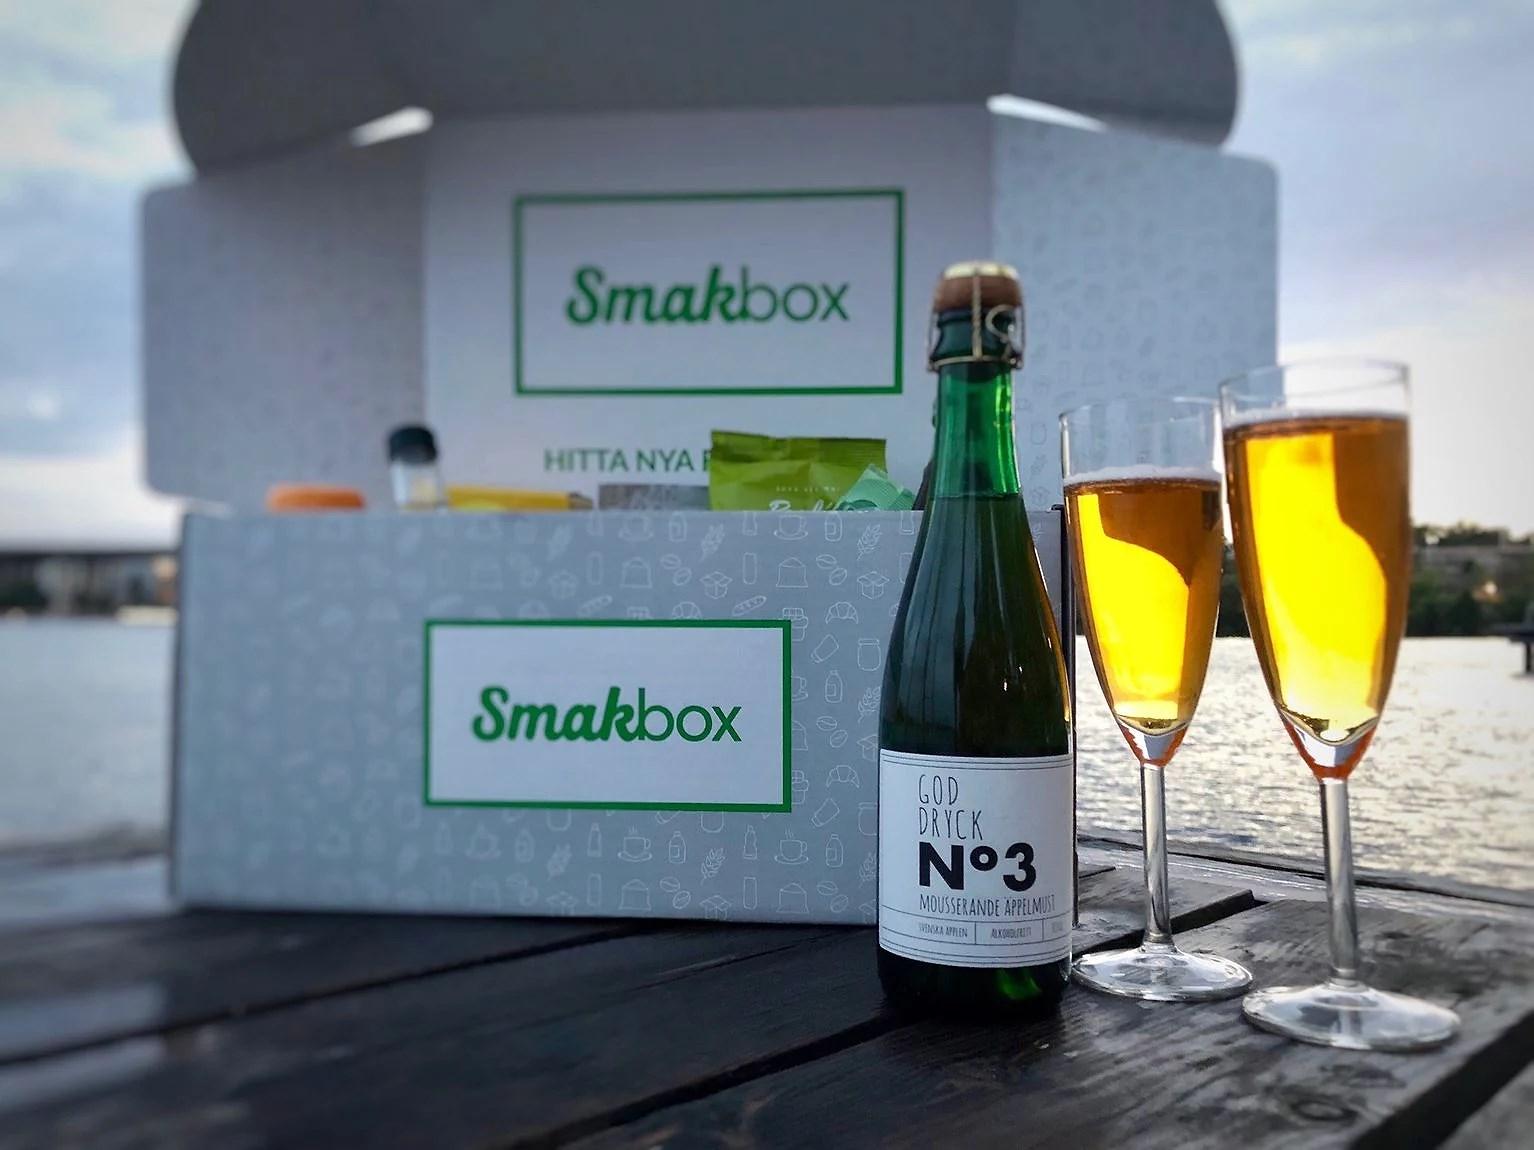 Prova Smakbox smakresa med 20 procent rabatt innan imorgon så får vi bägge en extraprodukt...